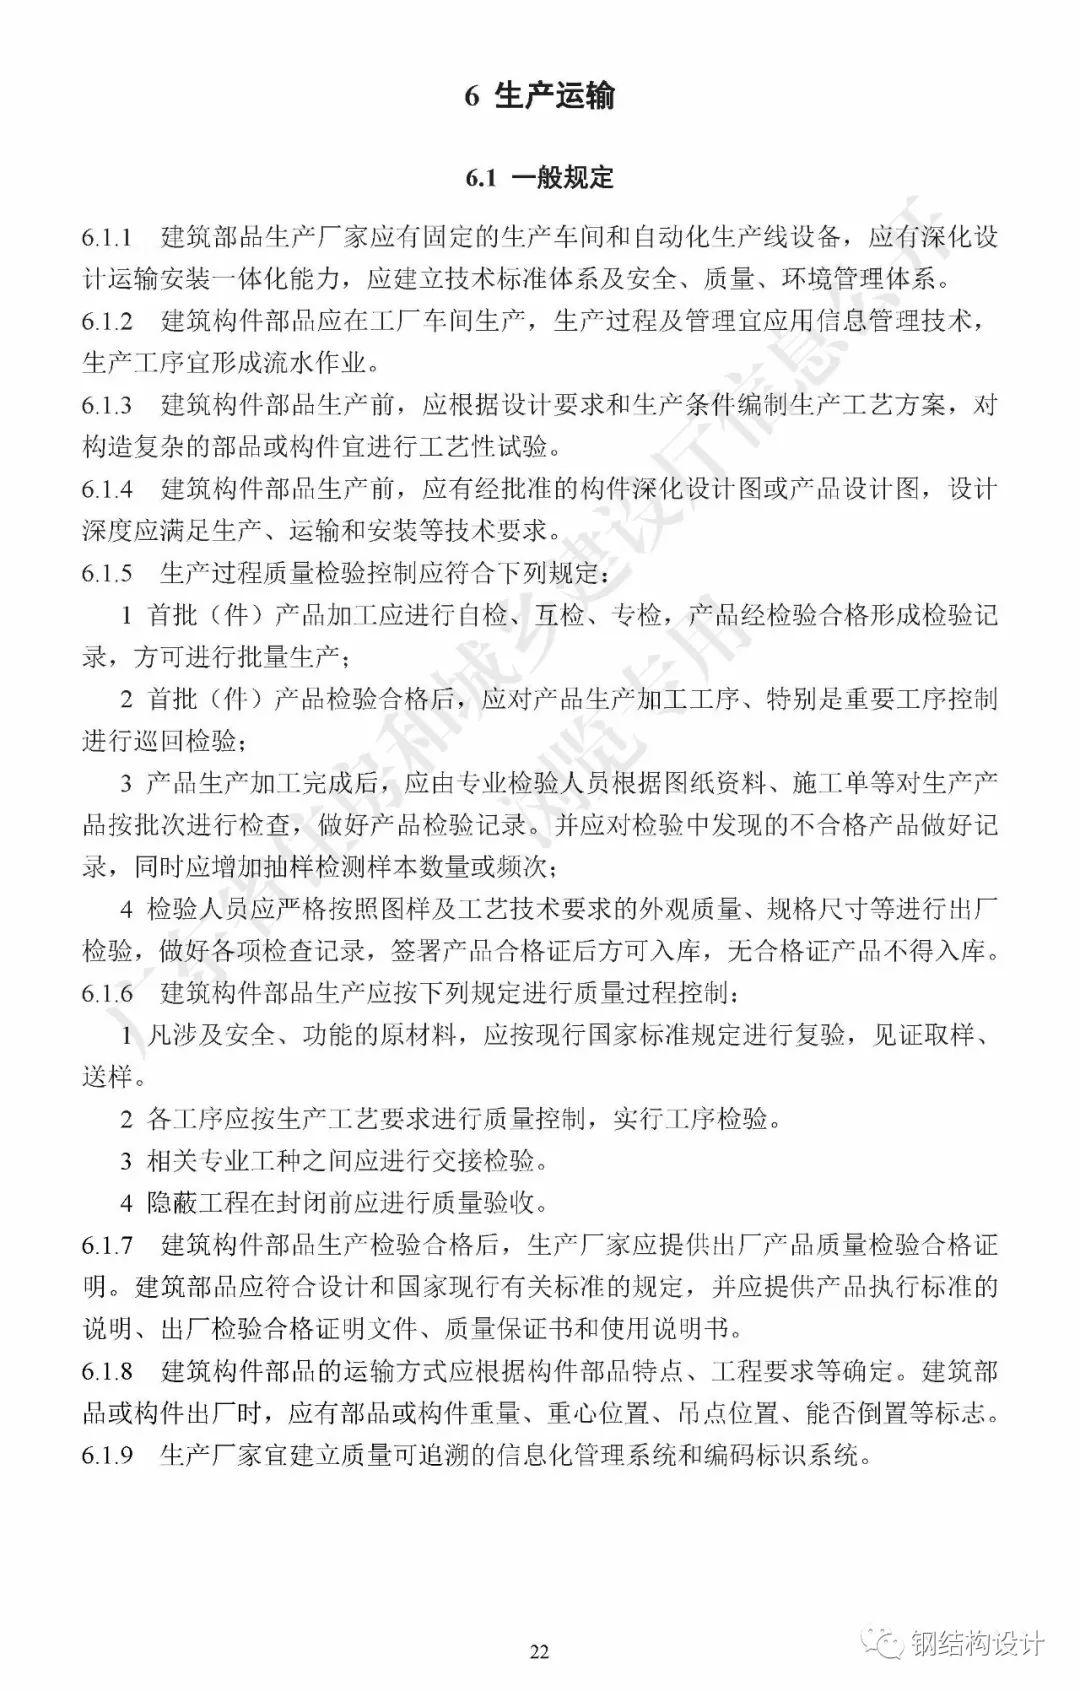 广东省《装配式钢结构建筑技术规程》发布_32